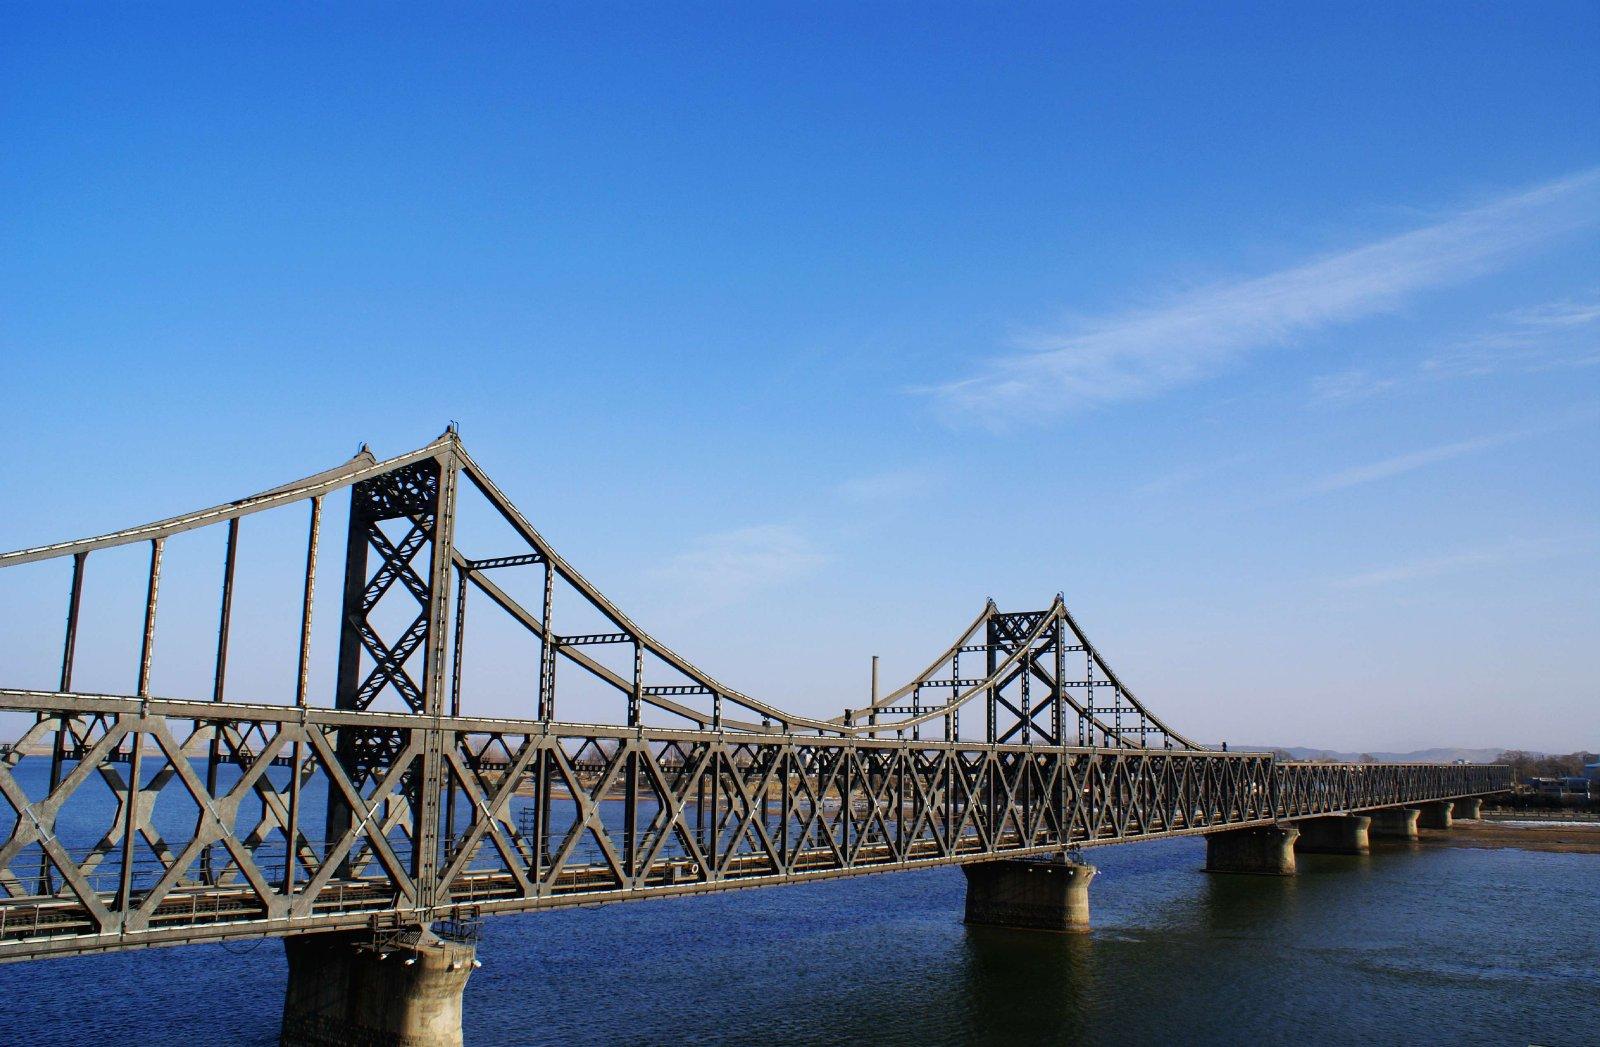 开放时间:全天 简介:中朝友谊桥,于1937年4月动工兴建,1943年5月竣工